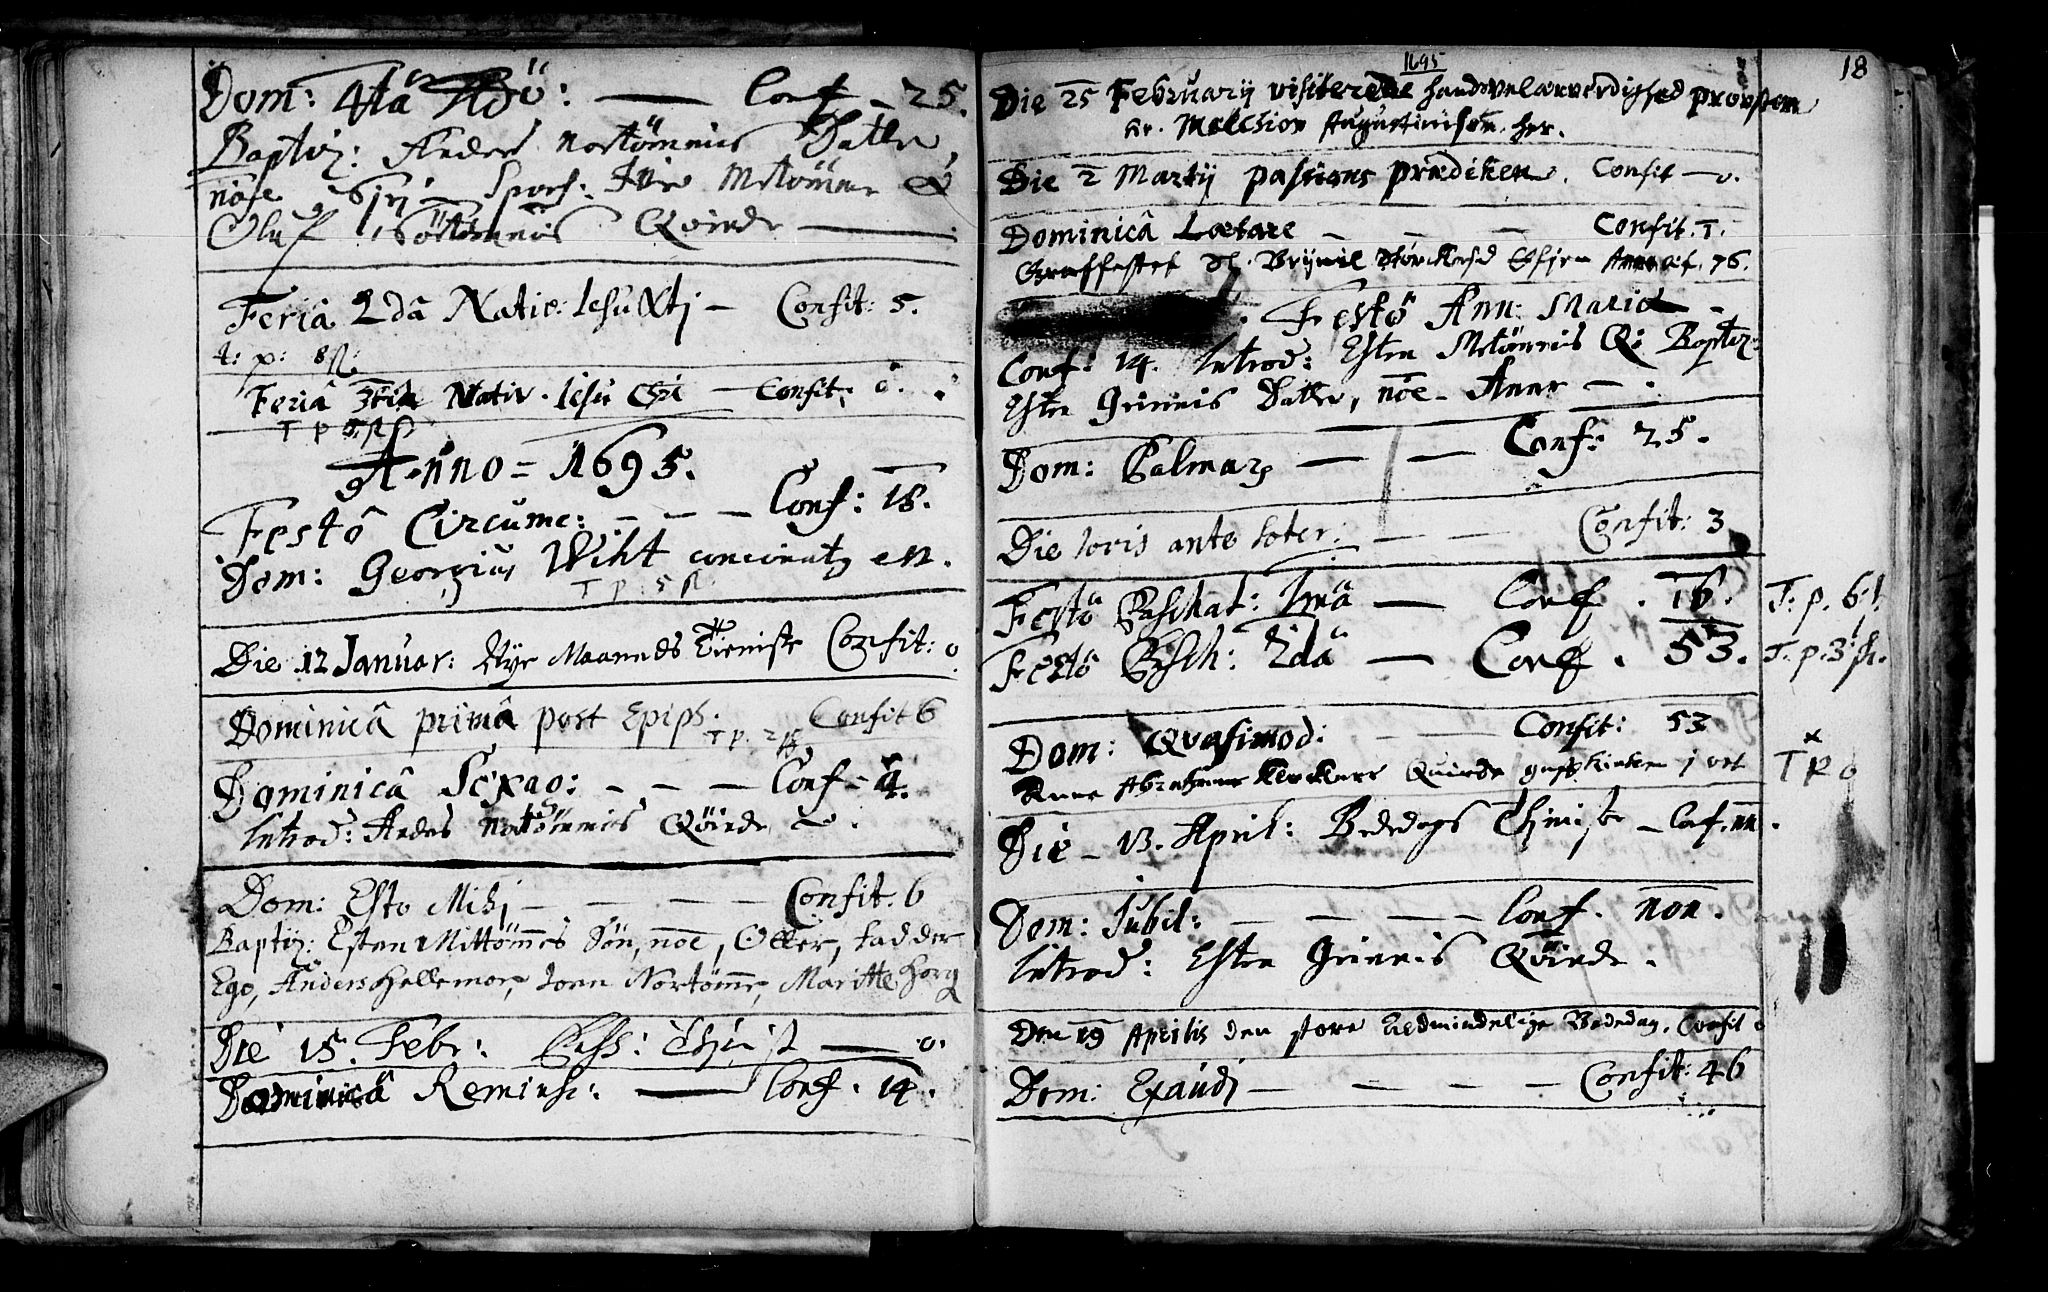 SAT, Ministerialprotokoller, klokkerbøker og fødselsregistre - Sør-Trøndelag, 692/L1101: Ministerialbok nr. 692A01, 1690-1746, s. 18